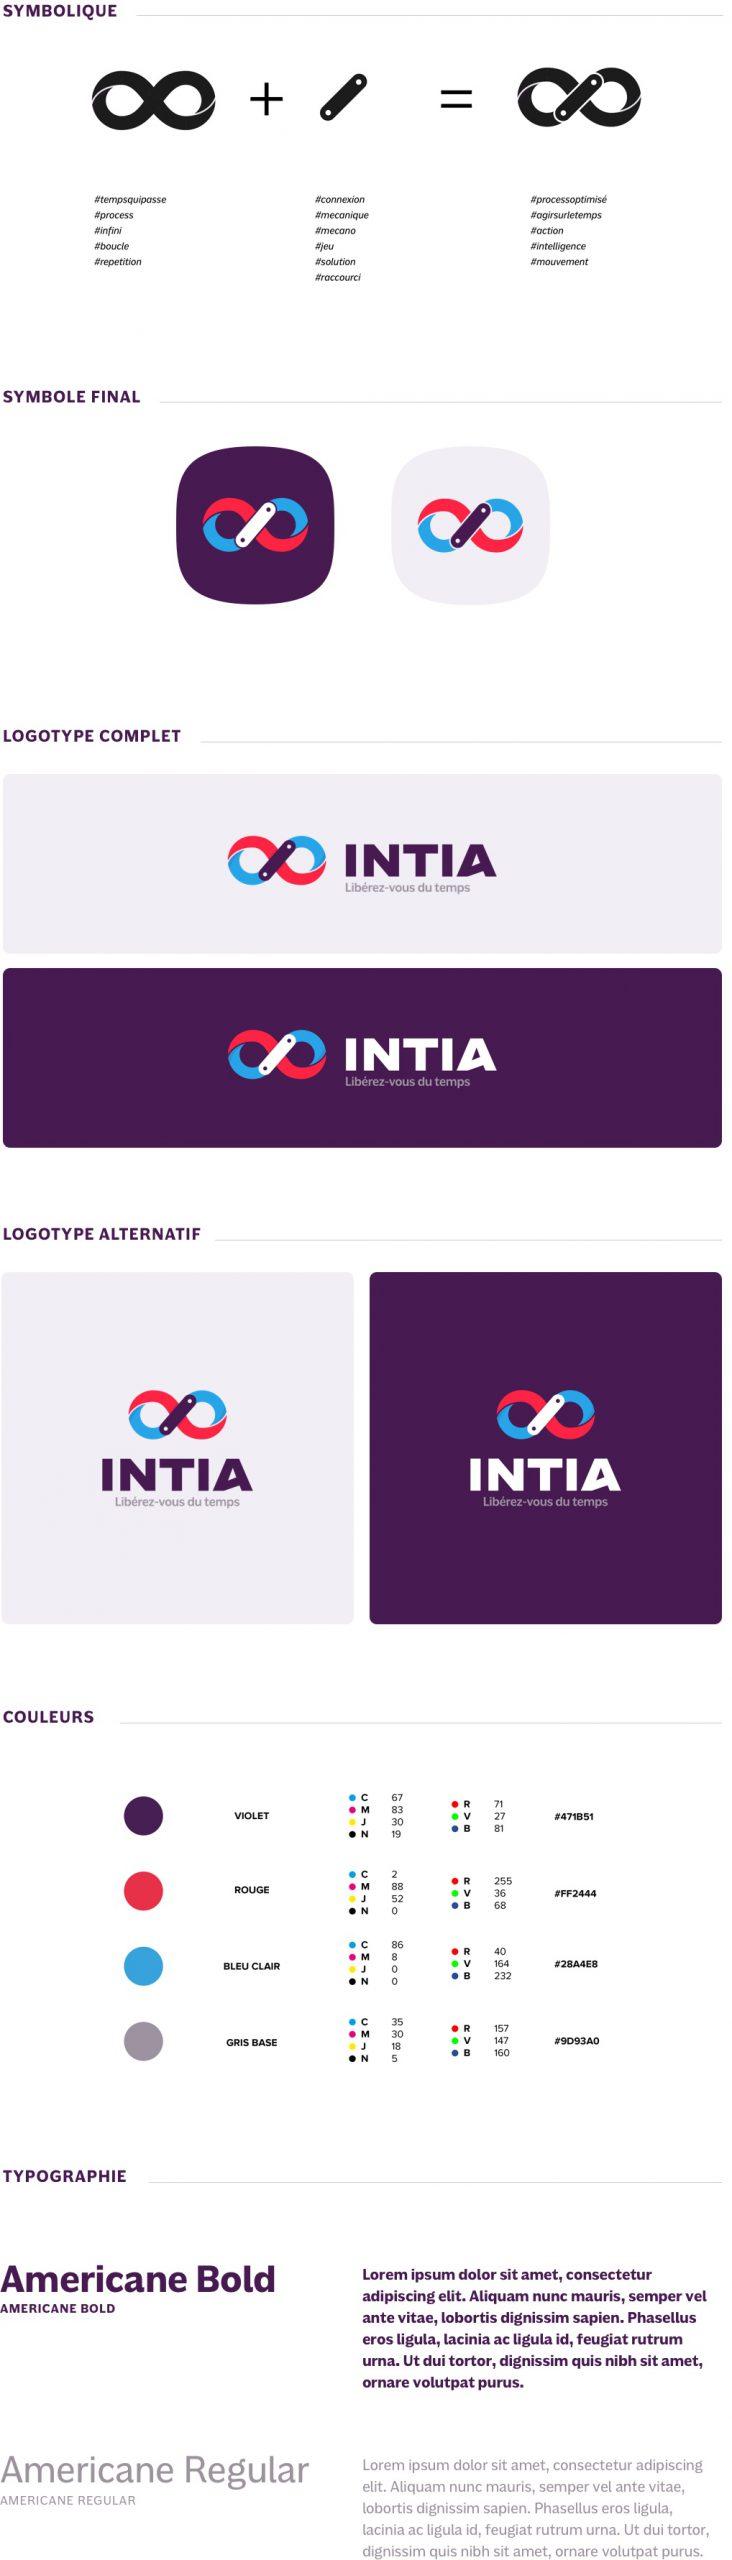 INTIA-Logotype-1